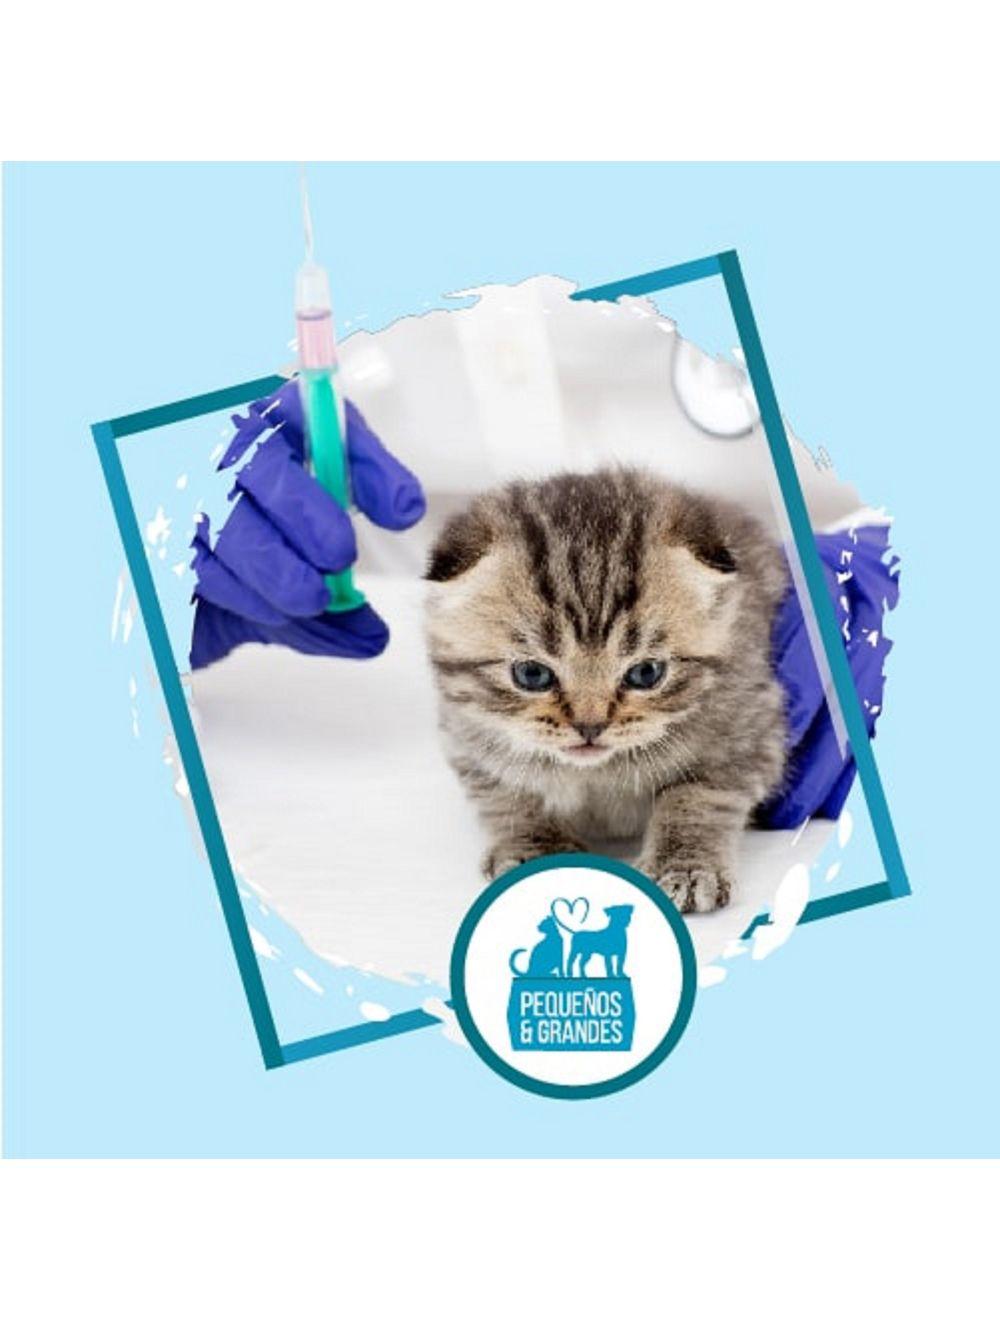 Vacunación a domicilio Gato-Primovacunación-Ciudaddemascotas.com